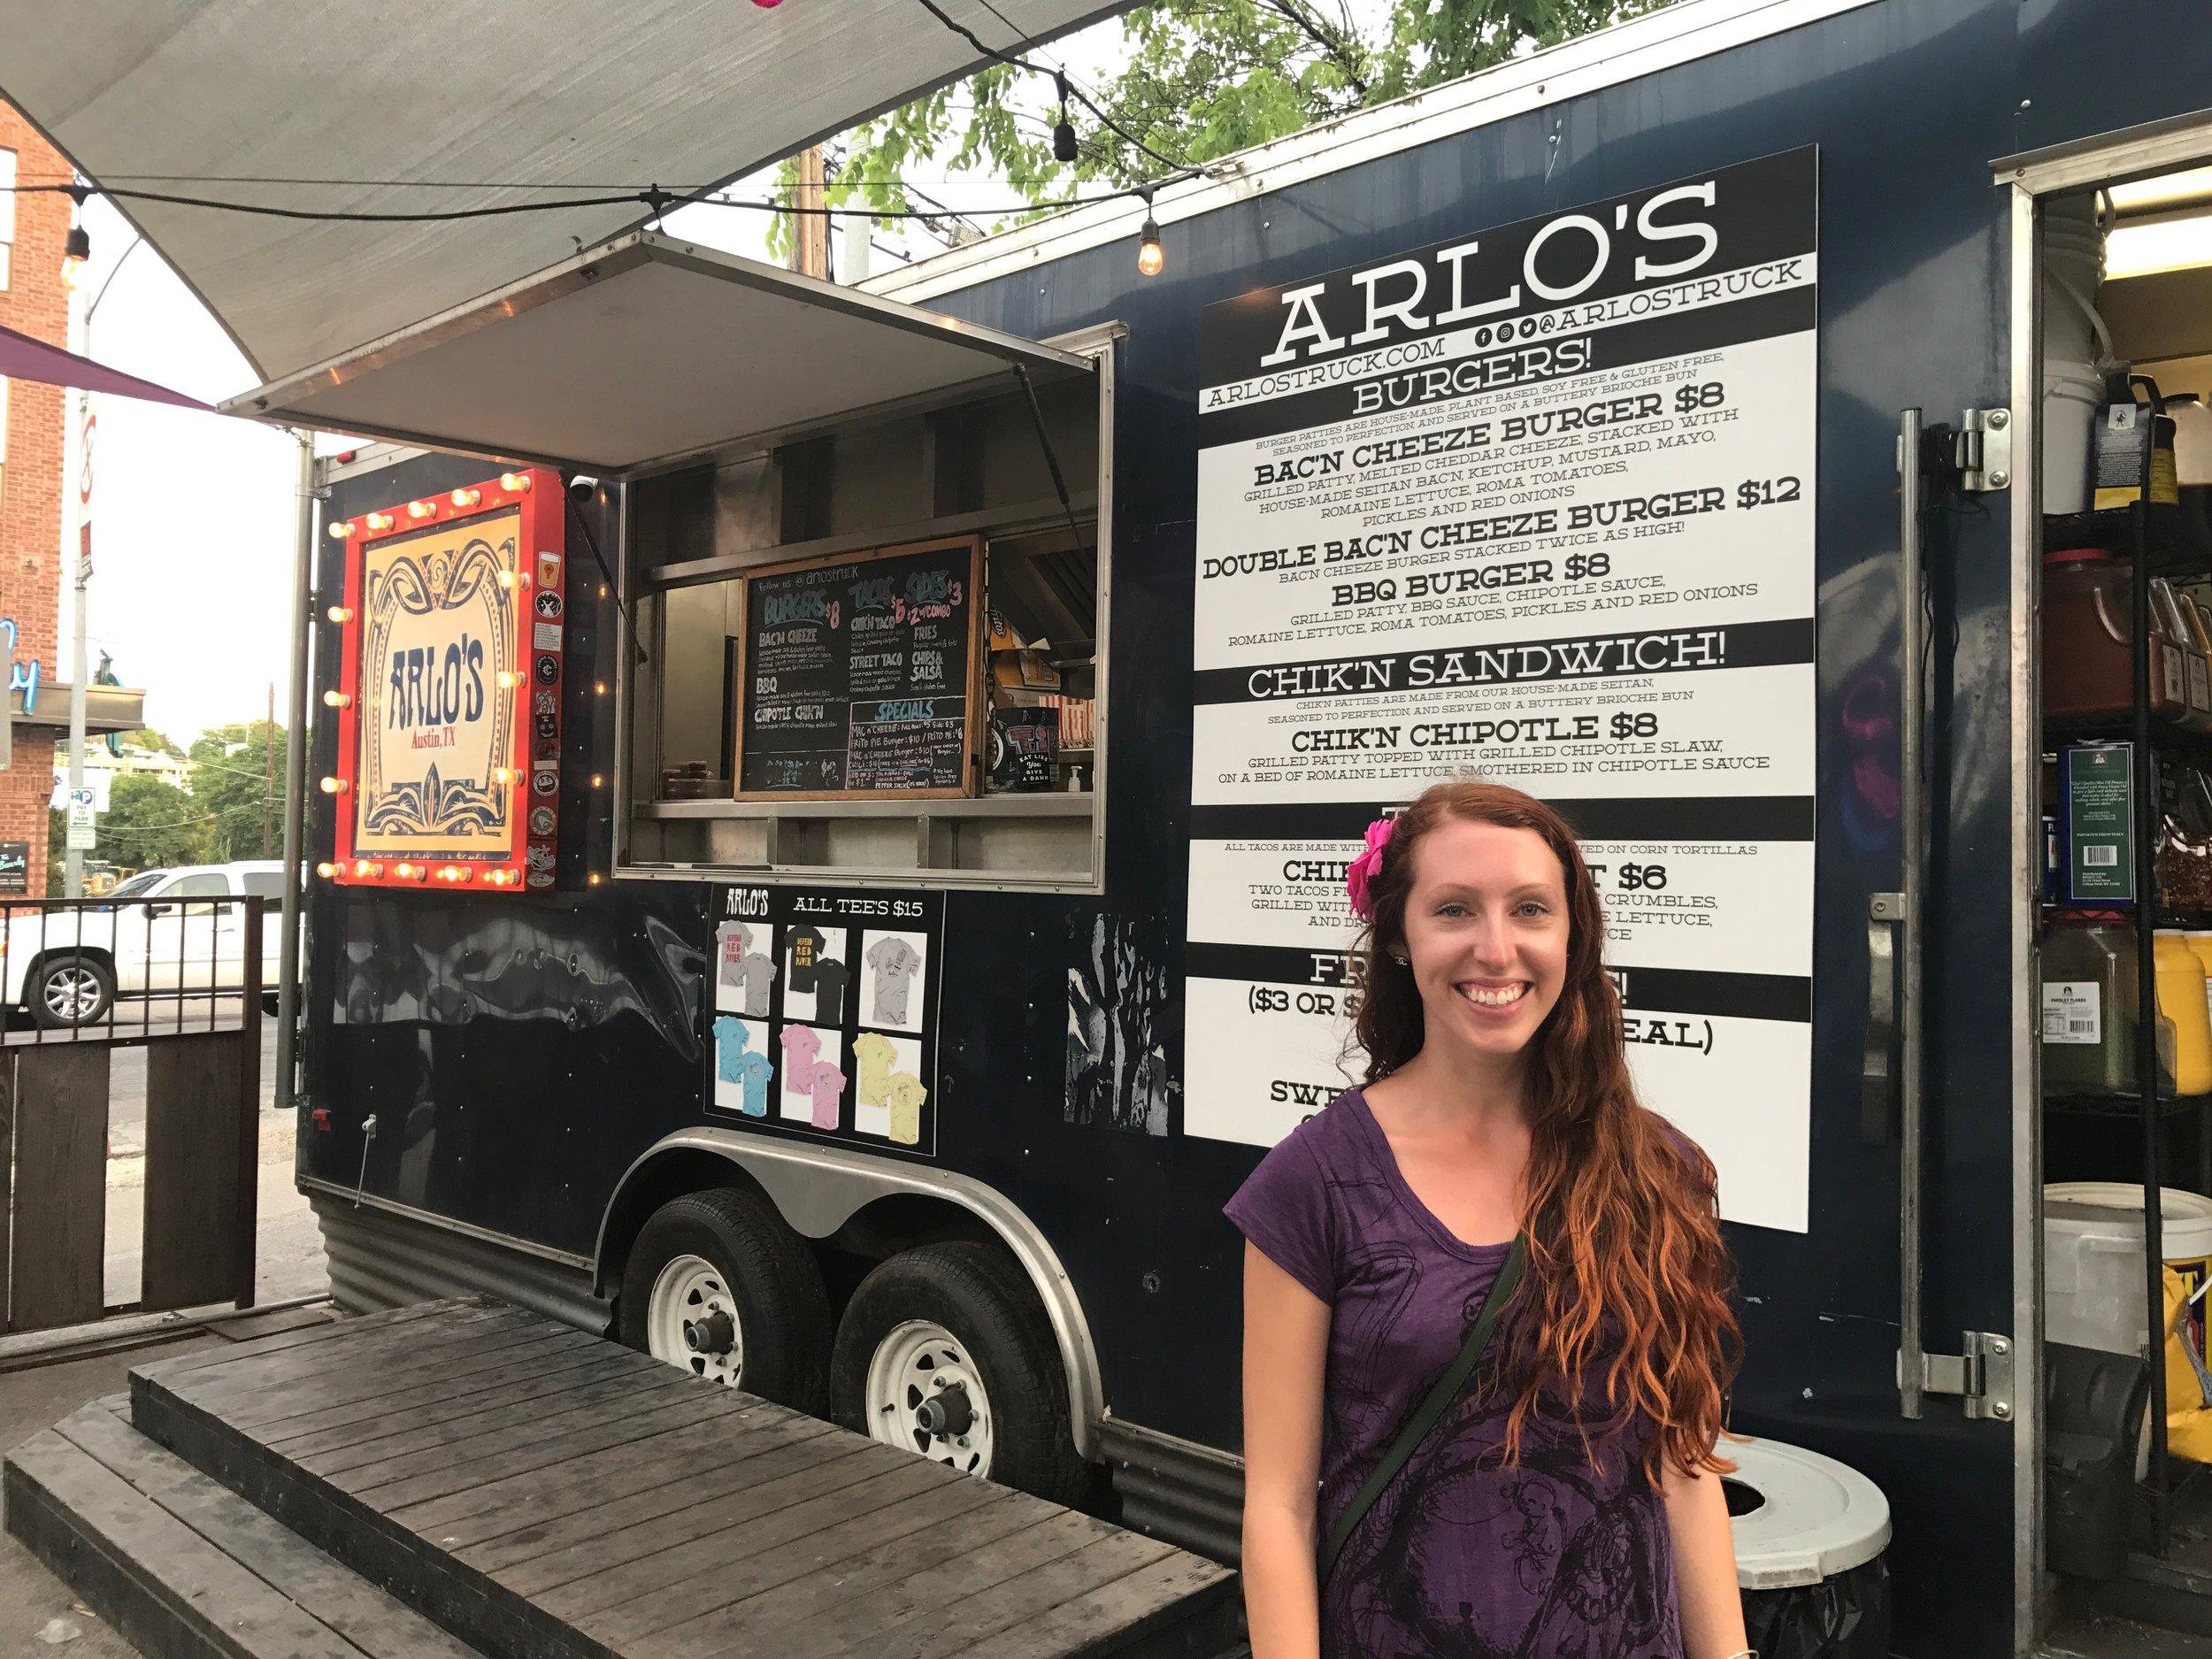 Arlo's Vegan Food Truck